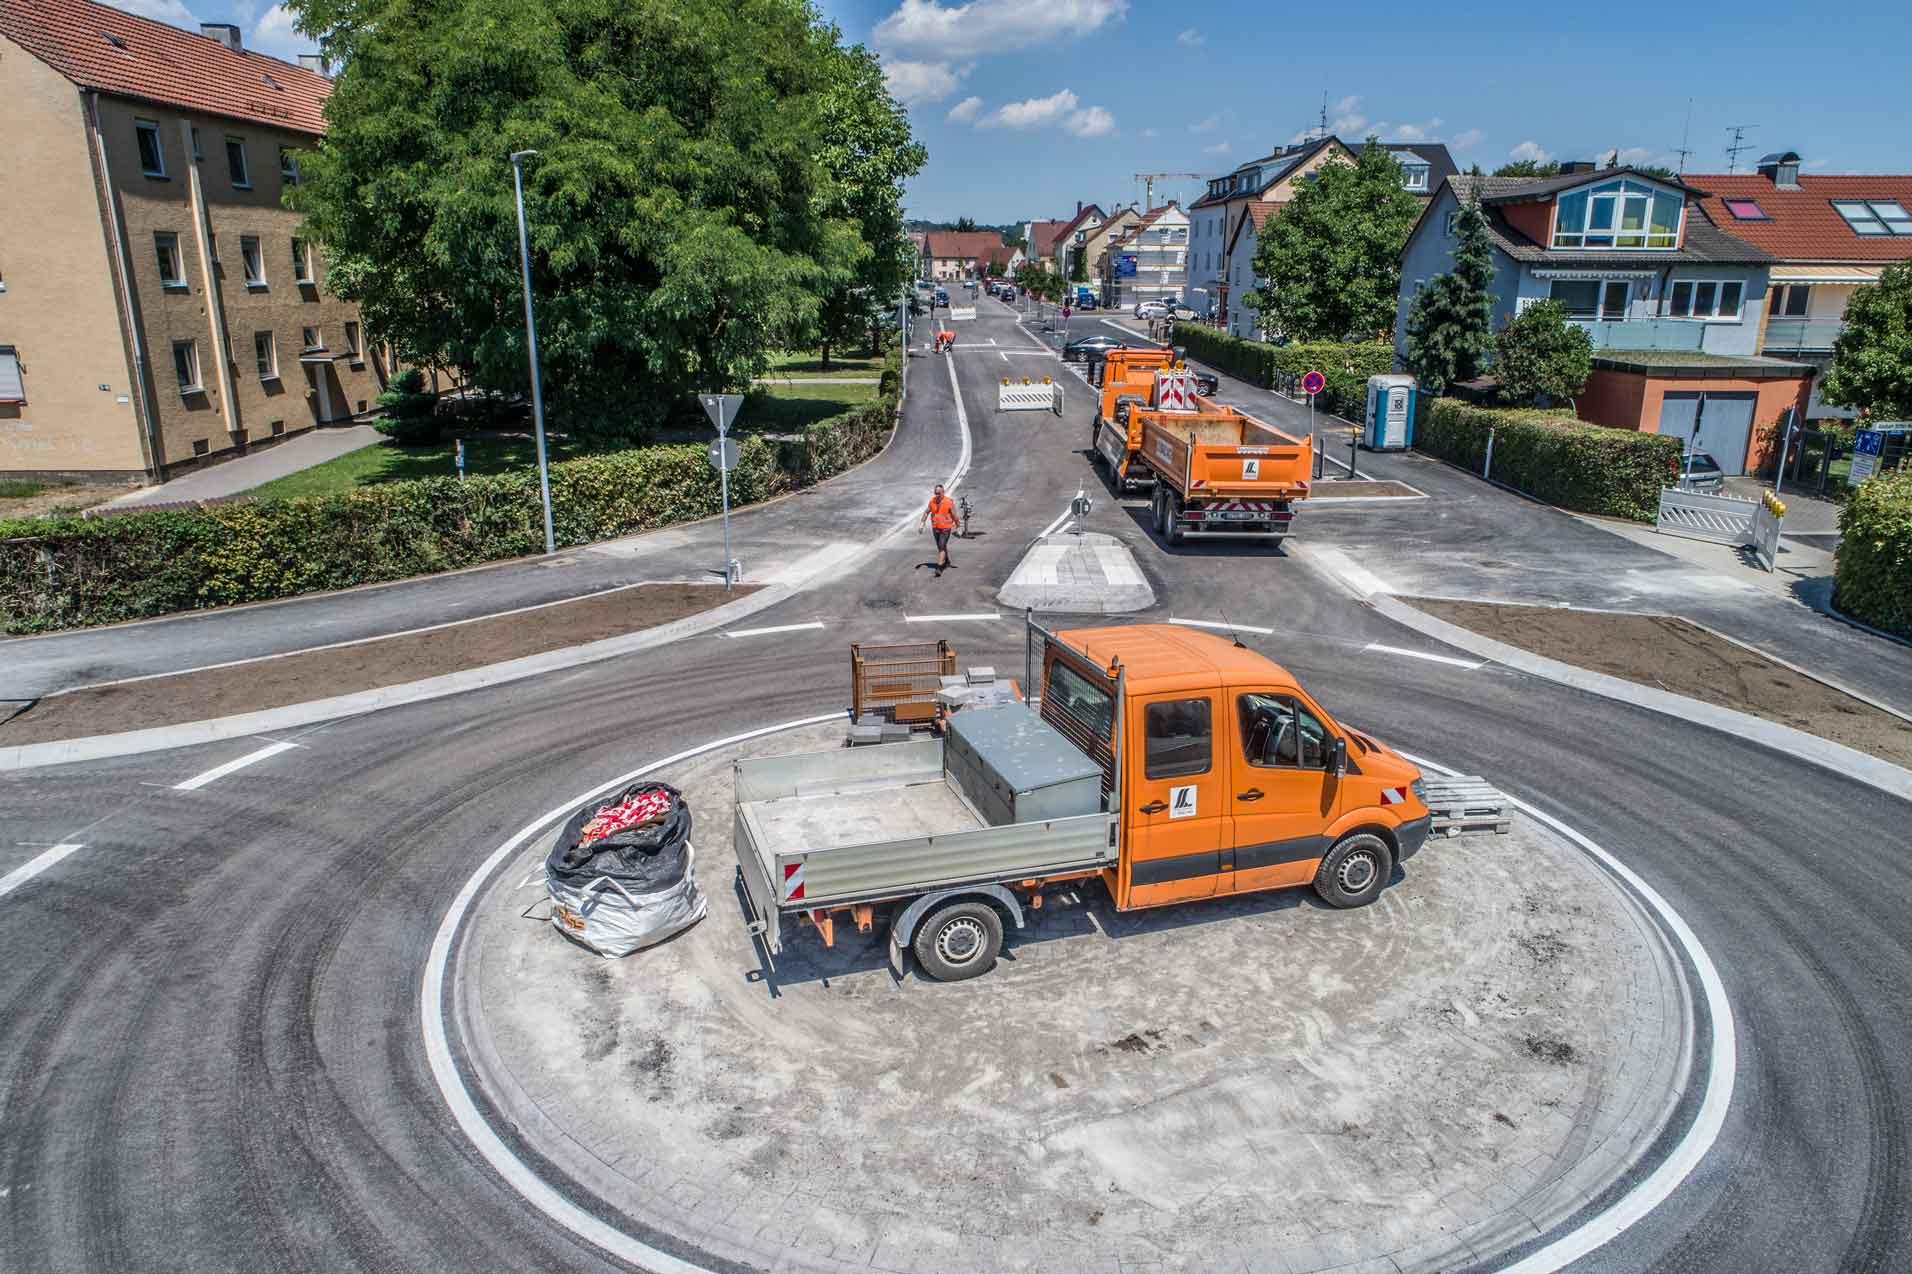 Fahrzeuge auf Straße Bauarbeiter